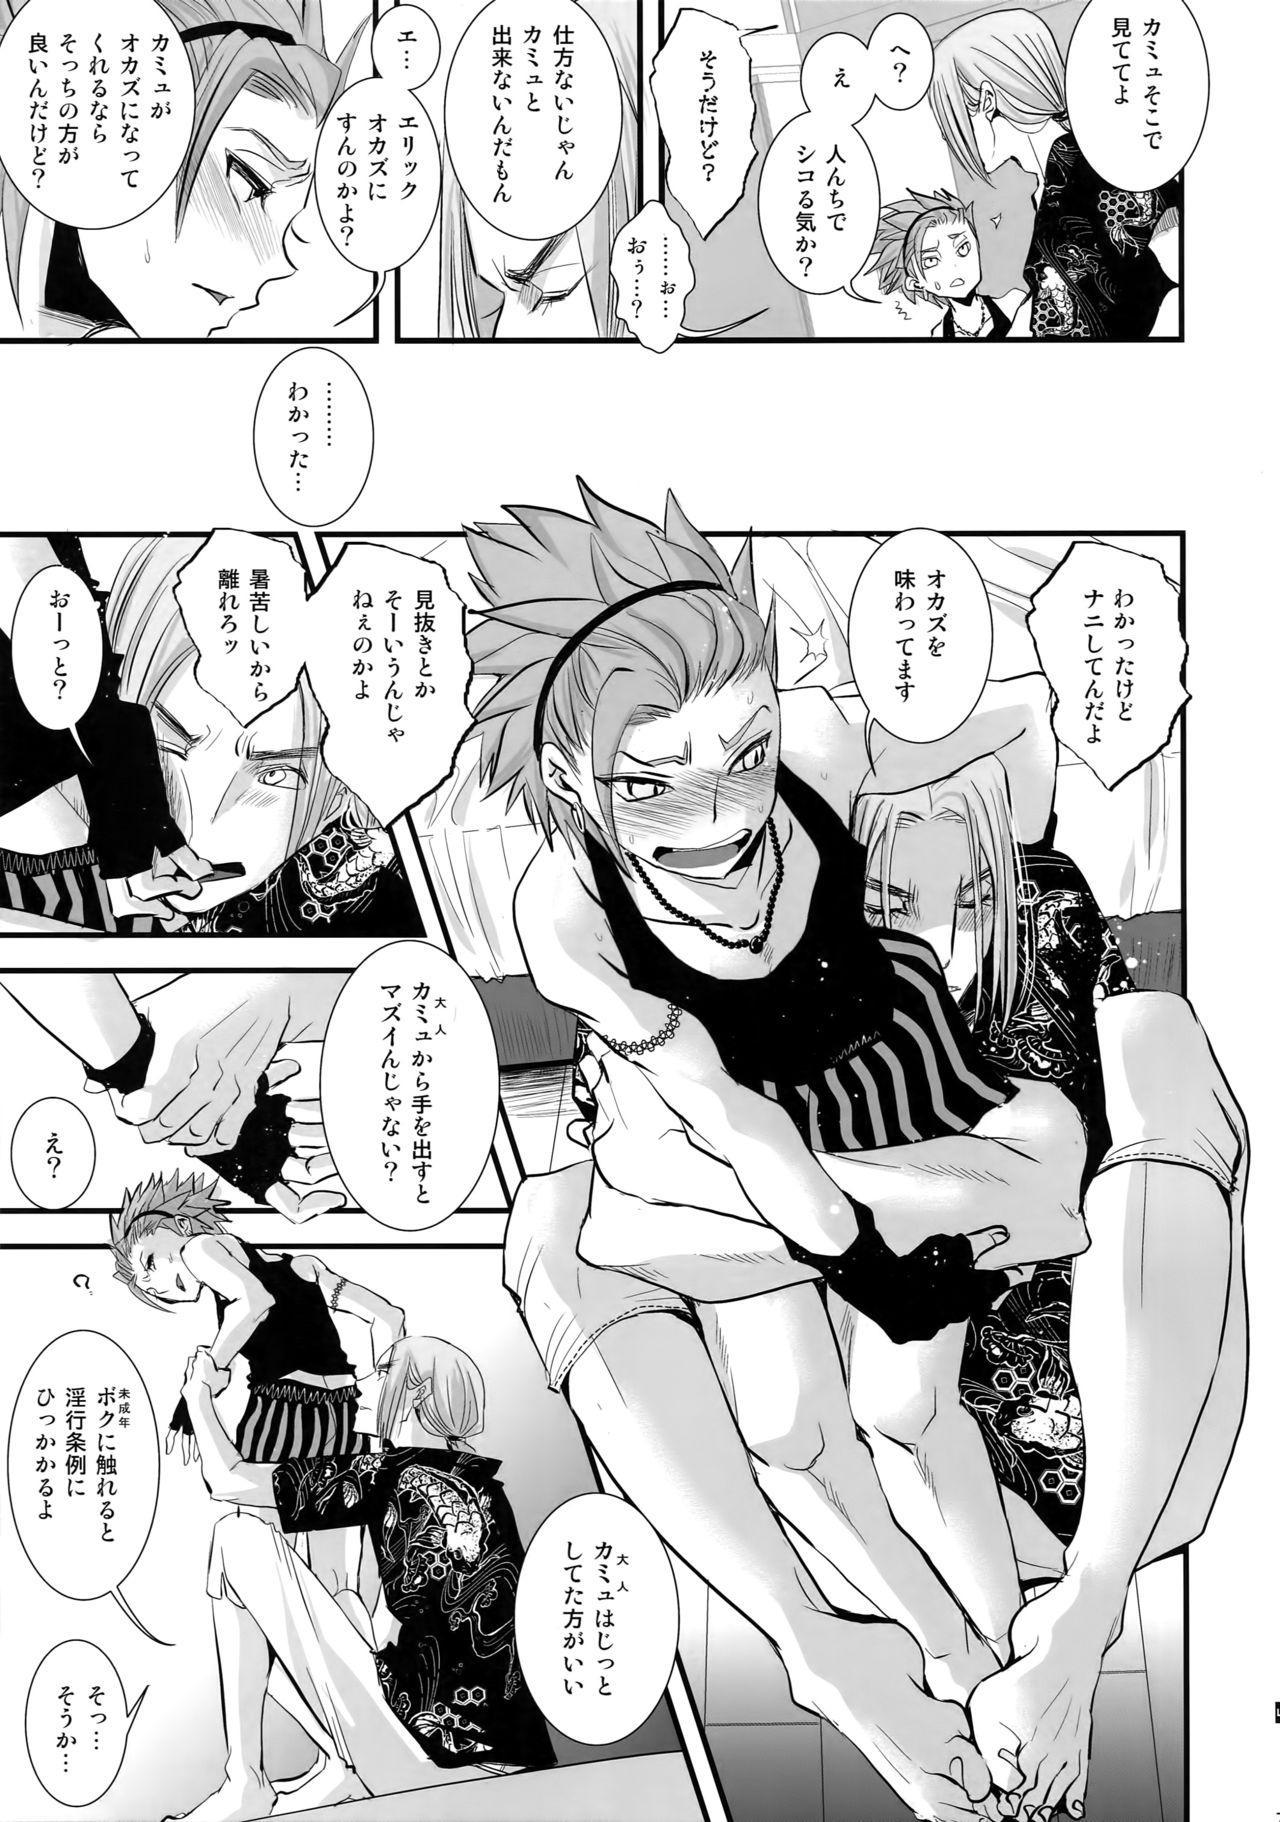 Hokubei-ban Erik ga Etchi Sugirunode Boku no Camus mo Etchi ni Chigainai 5